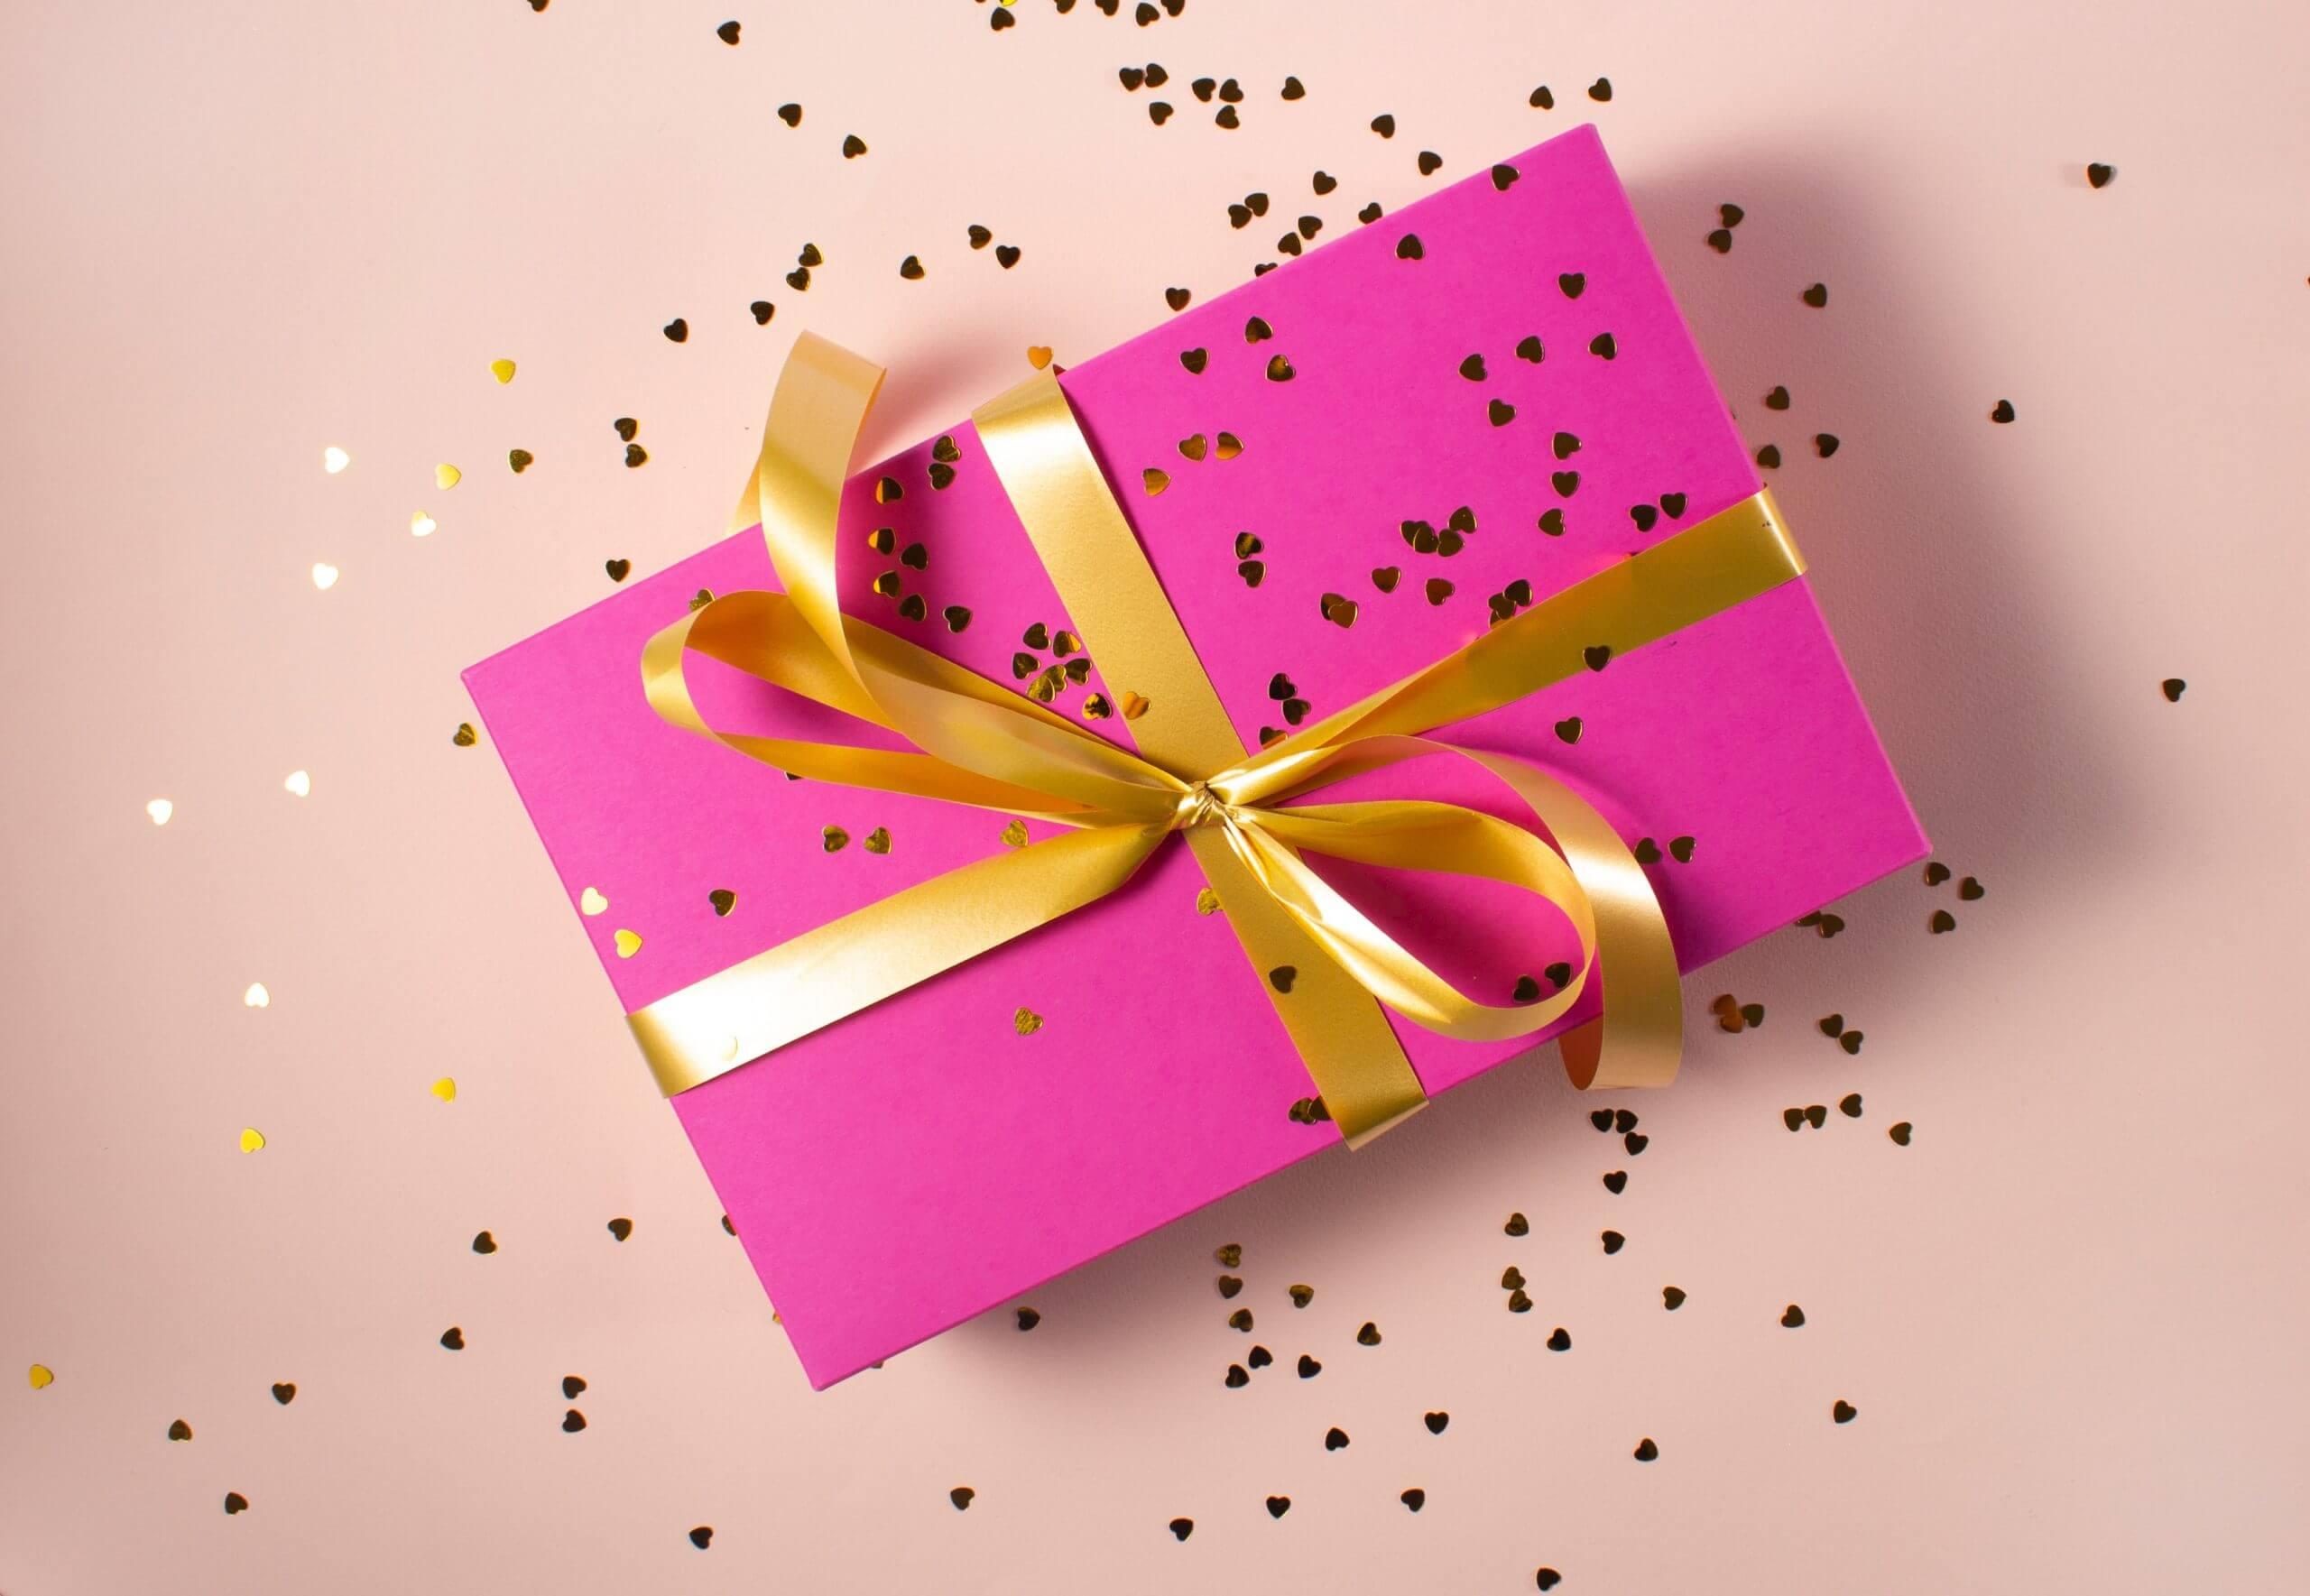 cadeau sur fond rose